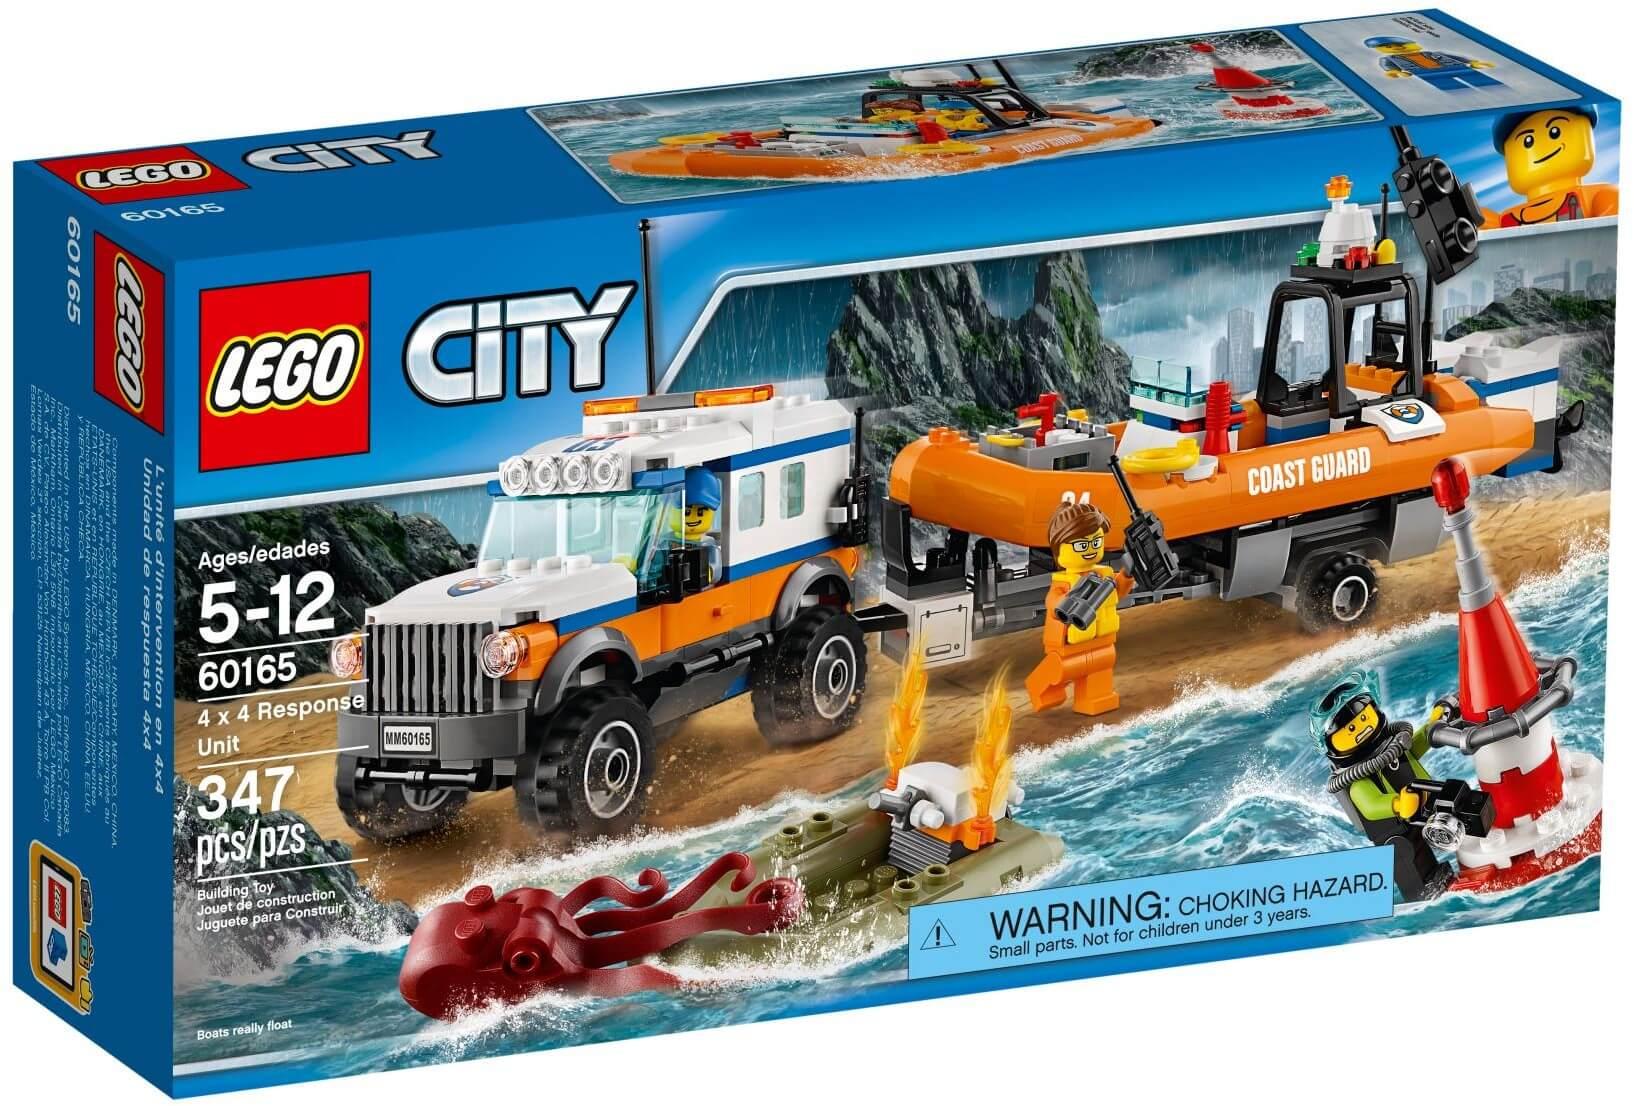 Mua đồ chơi LEGO 60165 - LEGO City 60165 - Đội ca nô cứu hộ bờ Biển (LEGO 60165 4 x 4 Response Unit)